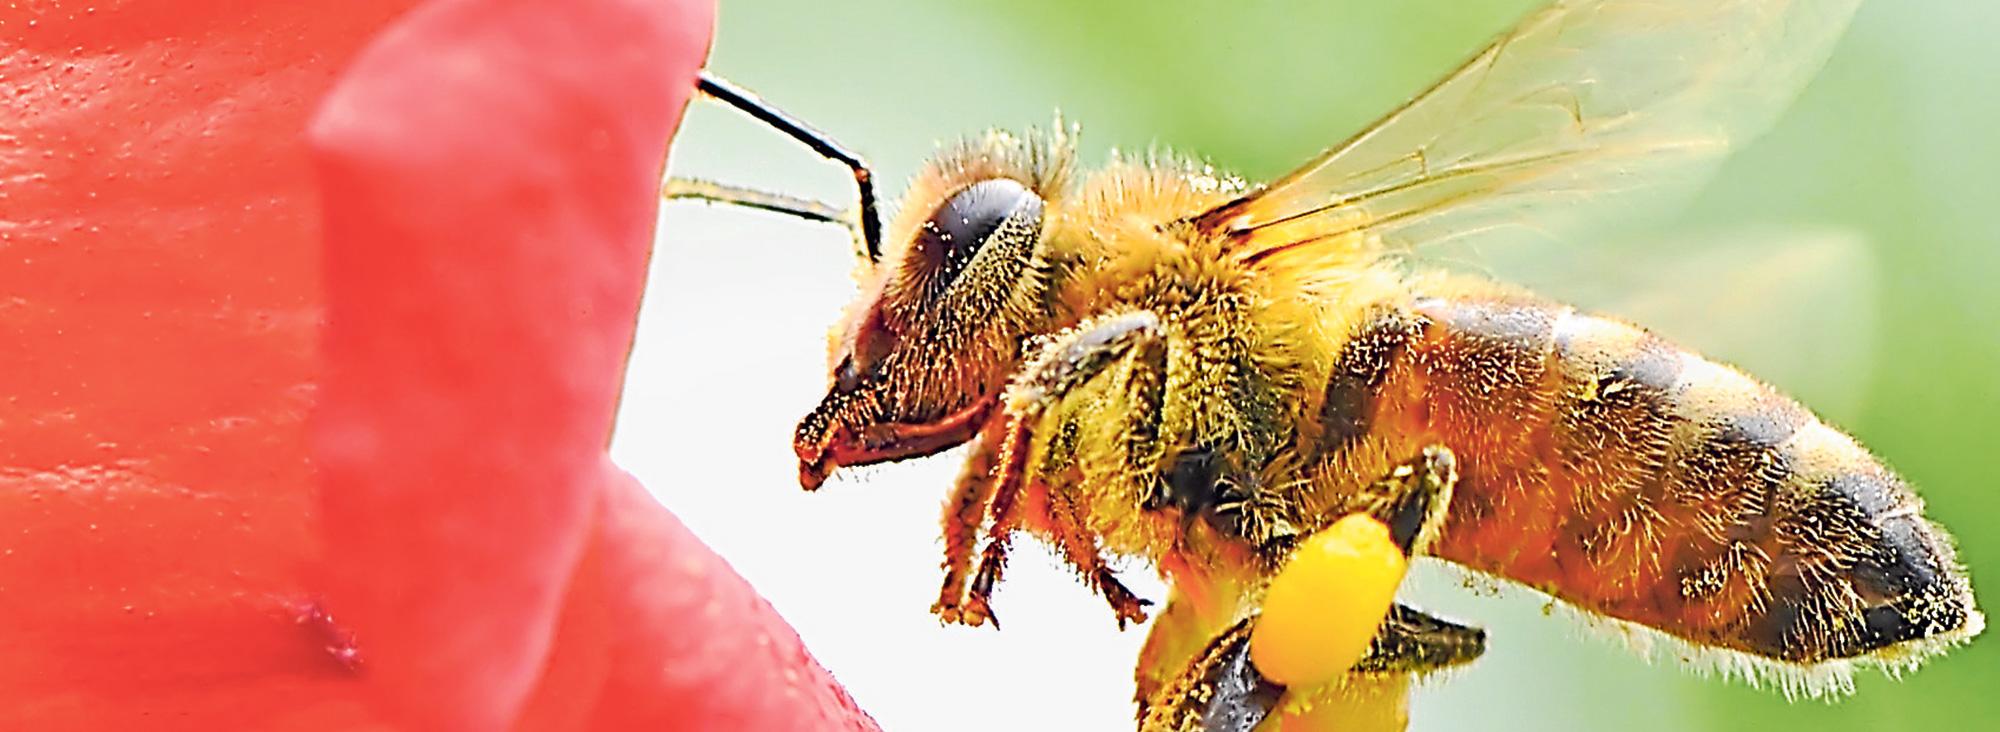 Slider abejas